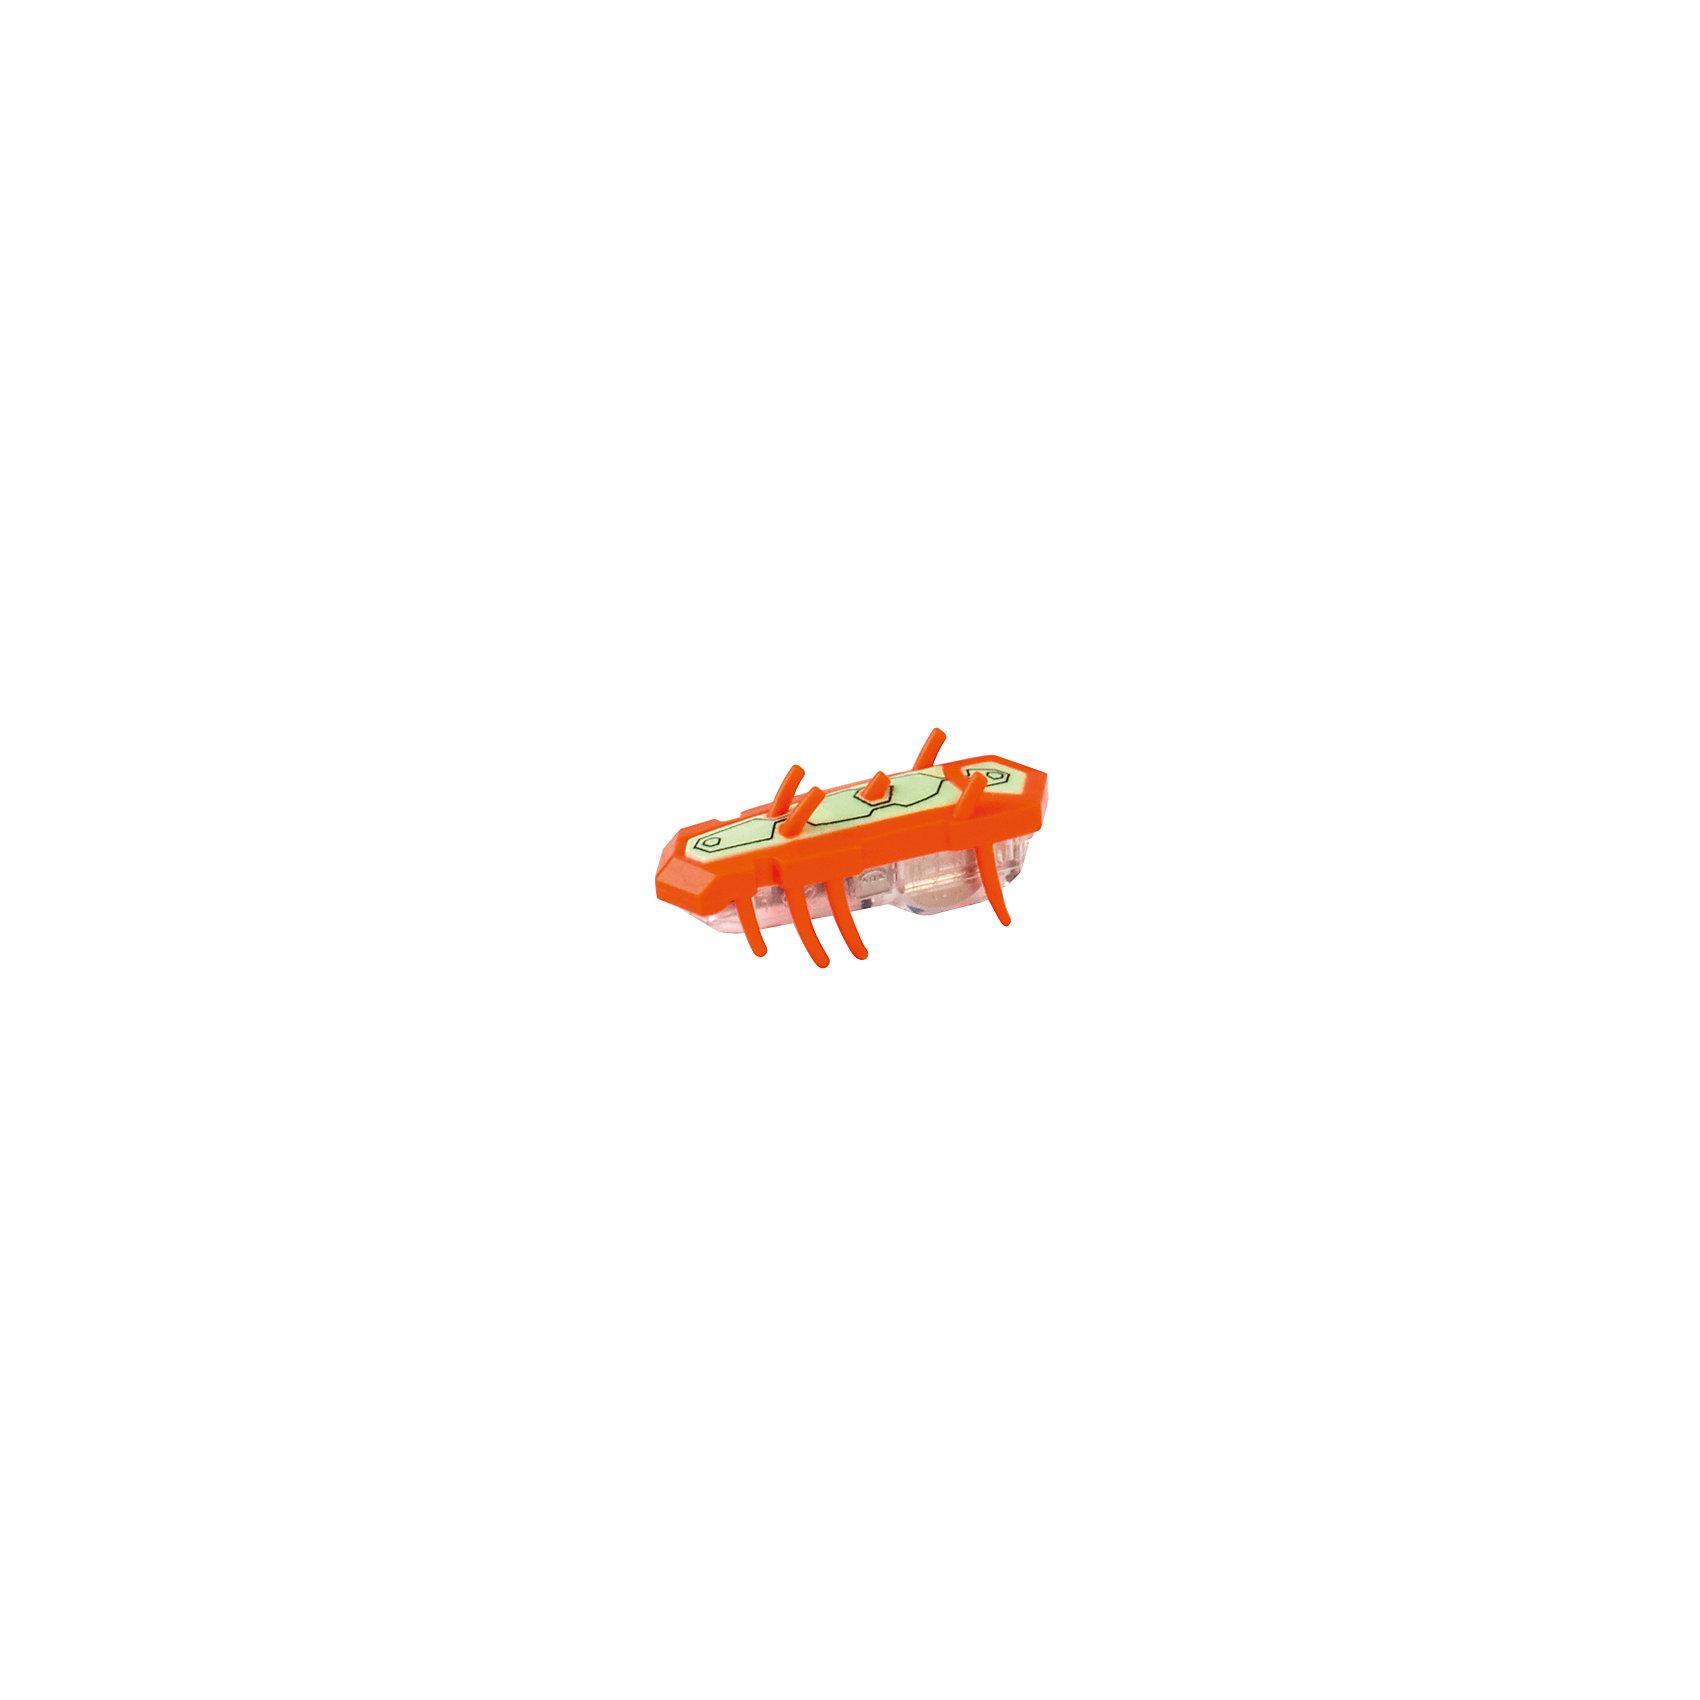 Микро-робот Nitro Glow , оранжевый, HexbugИнтерактивные игрушки для малышей<br>Микро-робот Nitro Glow, оранжевый, Hexbug (Хексбаг)<br><br>Характеристики:<br><br>• быстро меняет траекторию движения<br>• самостоятельно переворачивается<br>• карабкается наверх<br>• мощный моторчик<br>• устойчив к повреждениям<br>• 8 ножек снизу и 5 сверху<br>• батарейки: AG13 - 1 шт. (входит в комплект)<br>• размер: 1,4х2х4,2 см<br>• вес: 8 грамм<br>• цвет: оранжевый<br>• материал: пластик<br>• размер упаковки: 13х5х3 см<br>• вес: 65 грамм<br><br>Маленький робот Nitro Glow невероятно быстрый и ловкий. Он способен двигаться в любом направлении, передвигая своими крохотными лапками. Не спешите поднимать микро-робота, если он повернулся на спинку - Nitro Glow сможет самостоятельно перевернуться и продолжить забег. Благодаря усовершенствованным технологиям и пяти верхним лапкам жучок научился взбираться по специальным трубочкам из лабиринтов нанодрома. При этом старые лабиринты тоже отлично подойдут для микро-робота.<br><br>Микро-робота Nitro Glow, оранжевый, Hexbug (Хексбаг) можно купить в нашем интернет-магазине.<br><br>Ширина мм: 130<br>Глубина мм: 25<br>Высота мм: 25<br>Вес г: 30<br>Возраст от месяцев: 36<br>Возраст до месяцев: 2147483647<br>Пол: Унисекс<br>Возраст: Детский<br>SKU: 5507235